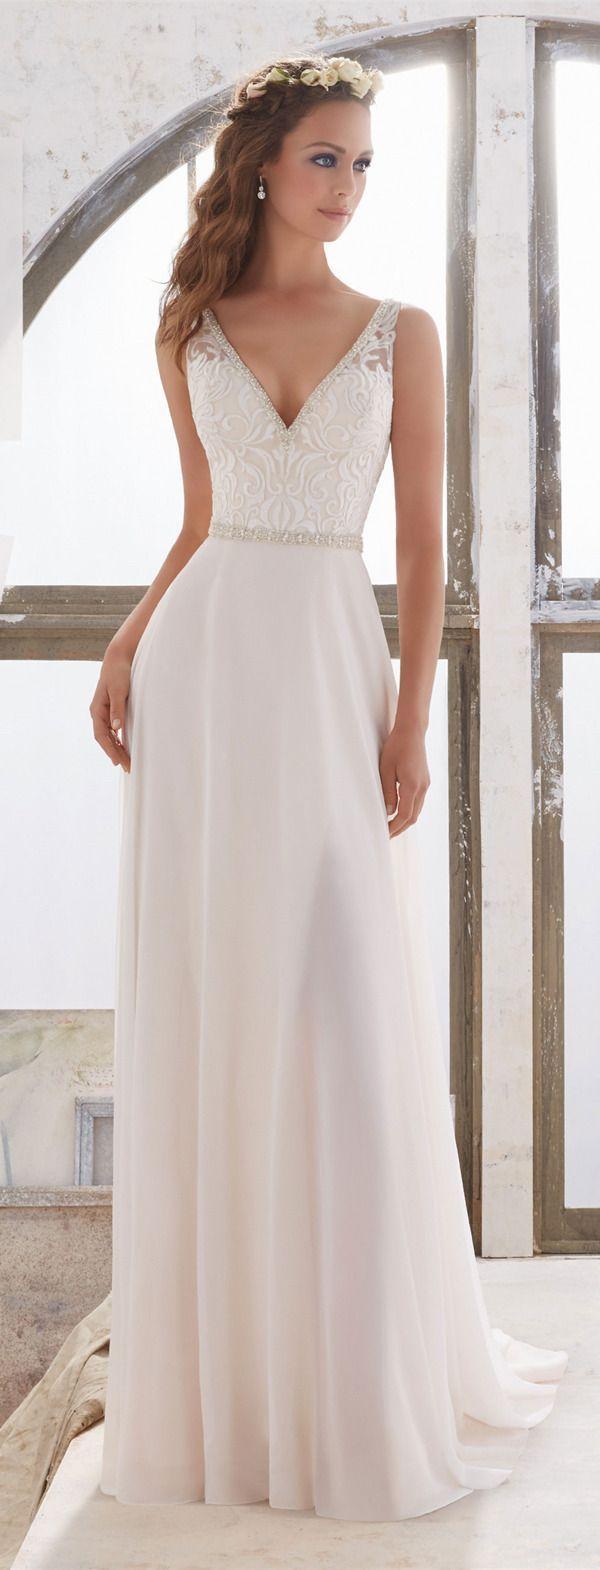 Pin by katie allen on wedding bells in pinterest vestidos